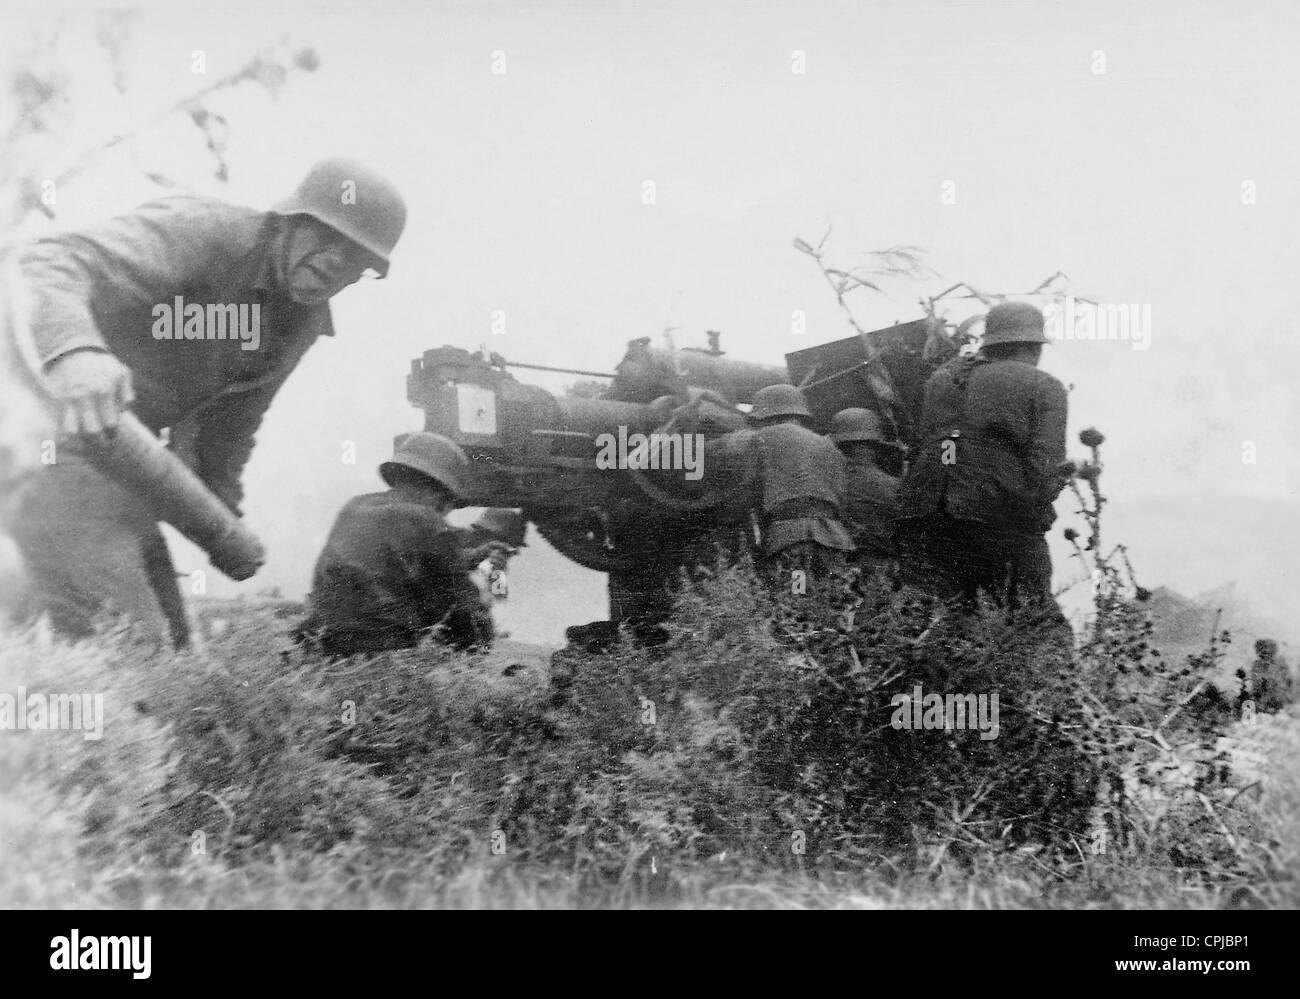 Deutsche Soldaten Mit Einem Flak Geschütz Im Zweiten Weltkrieg An